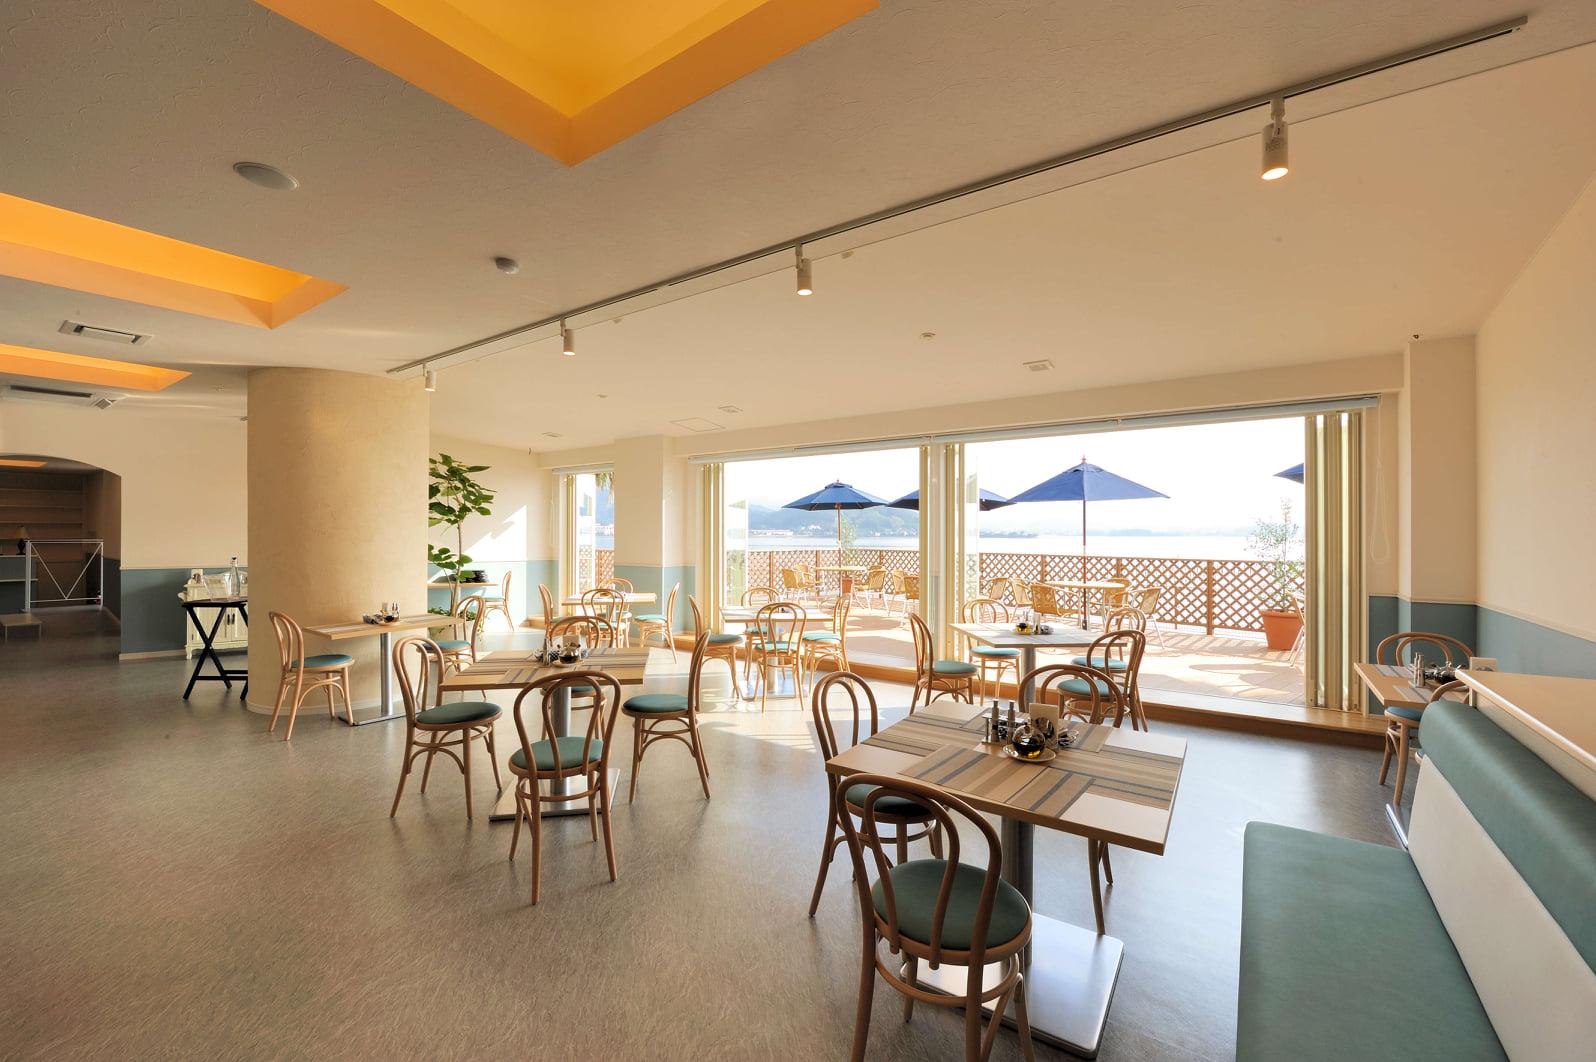 ドッグカフェ&ドッグラン Café The Rodhos